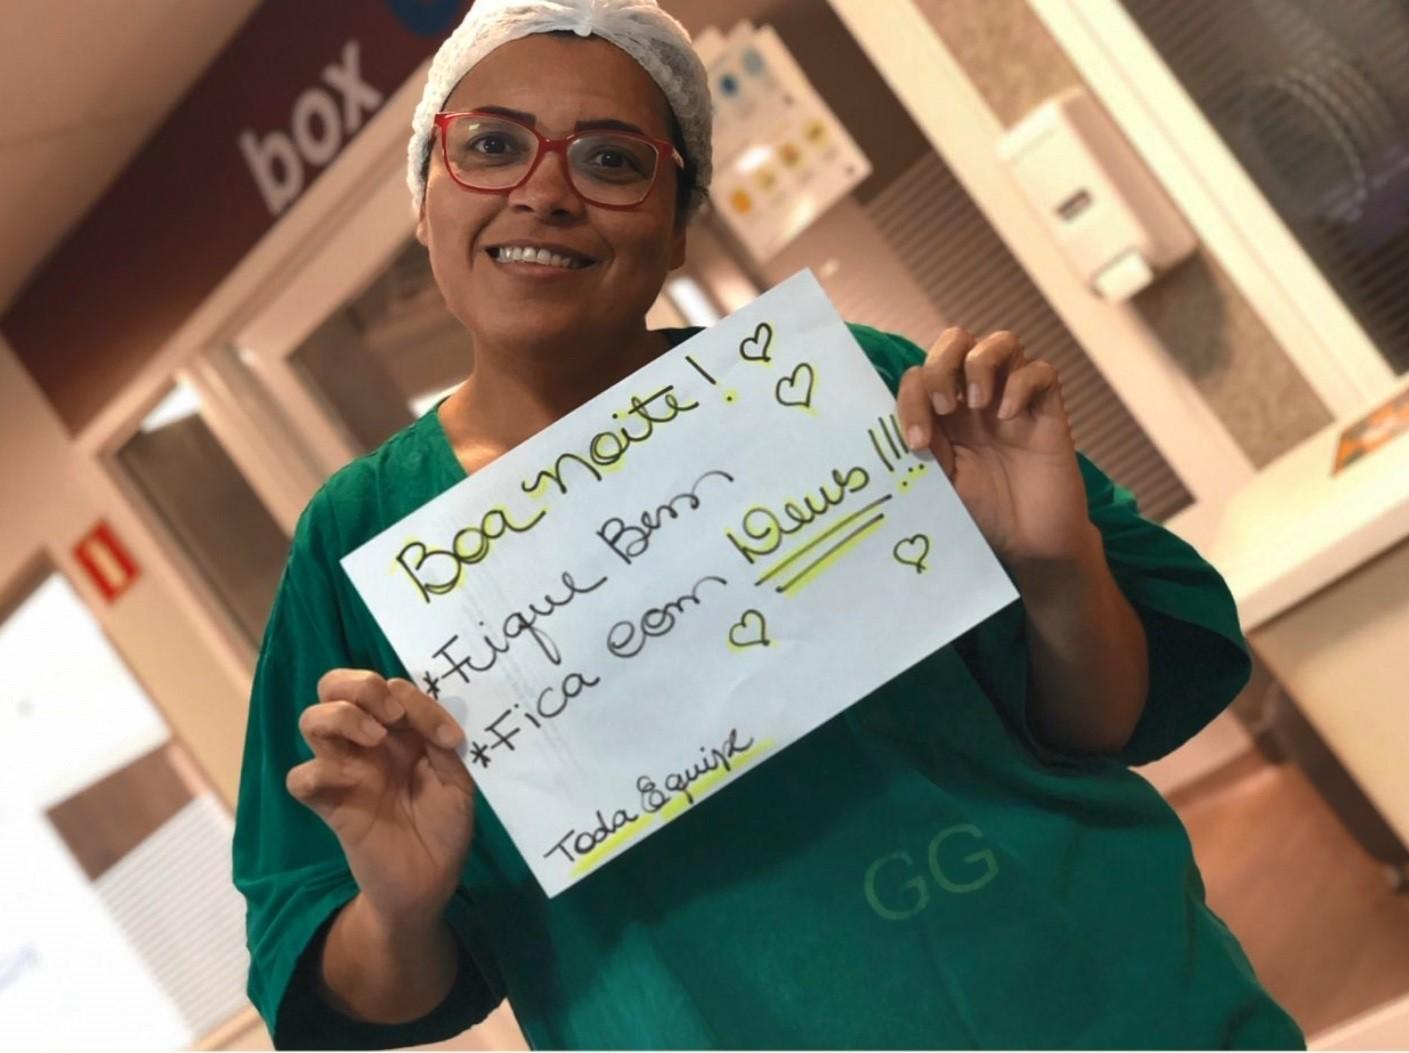 Equipe de enfermagem faz cartazes de carinho para pacientes de covid-19, no ES